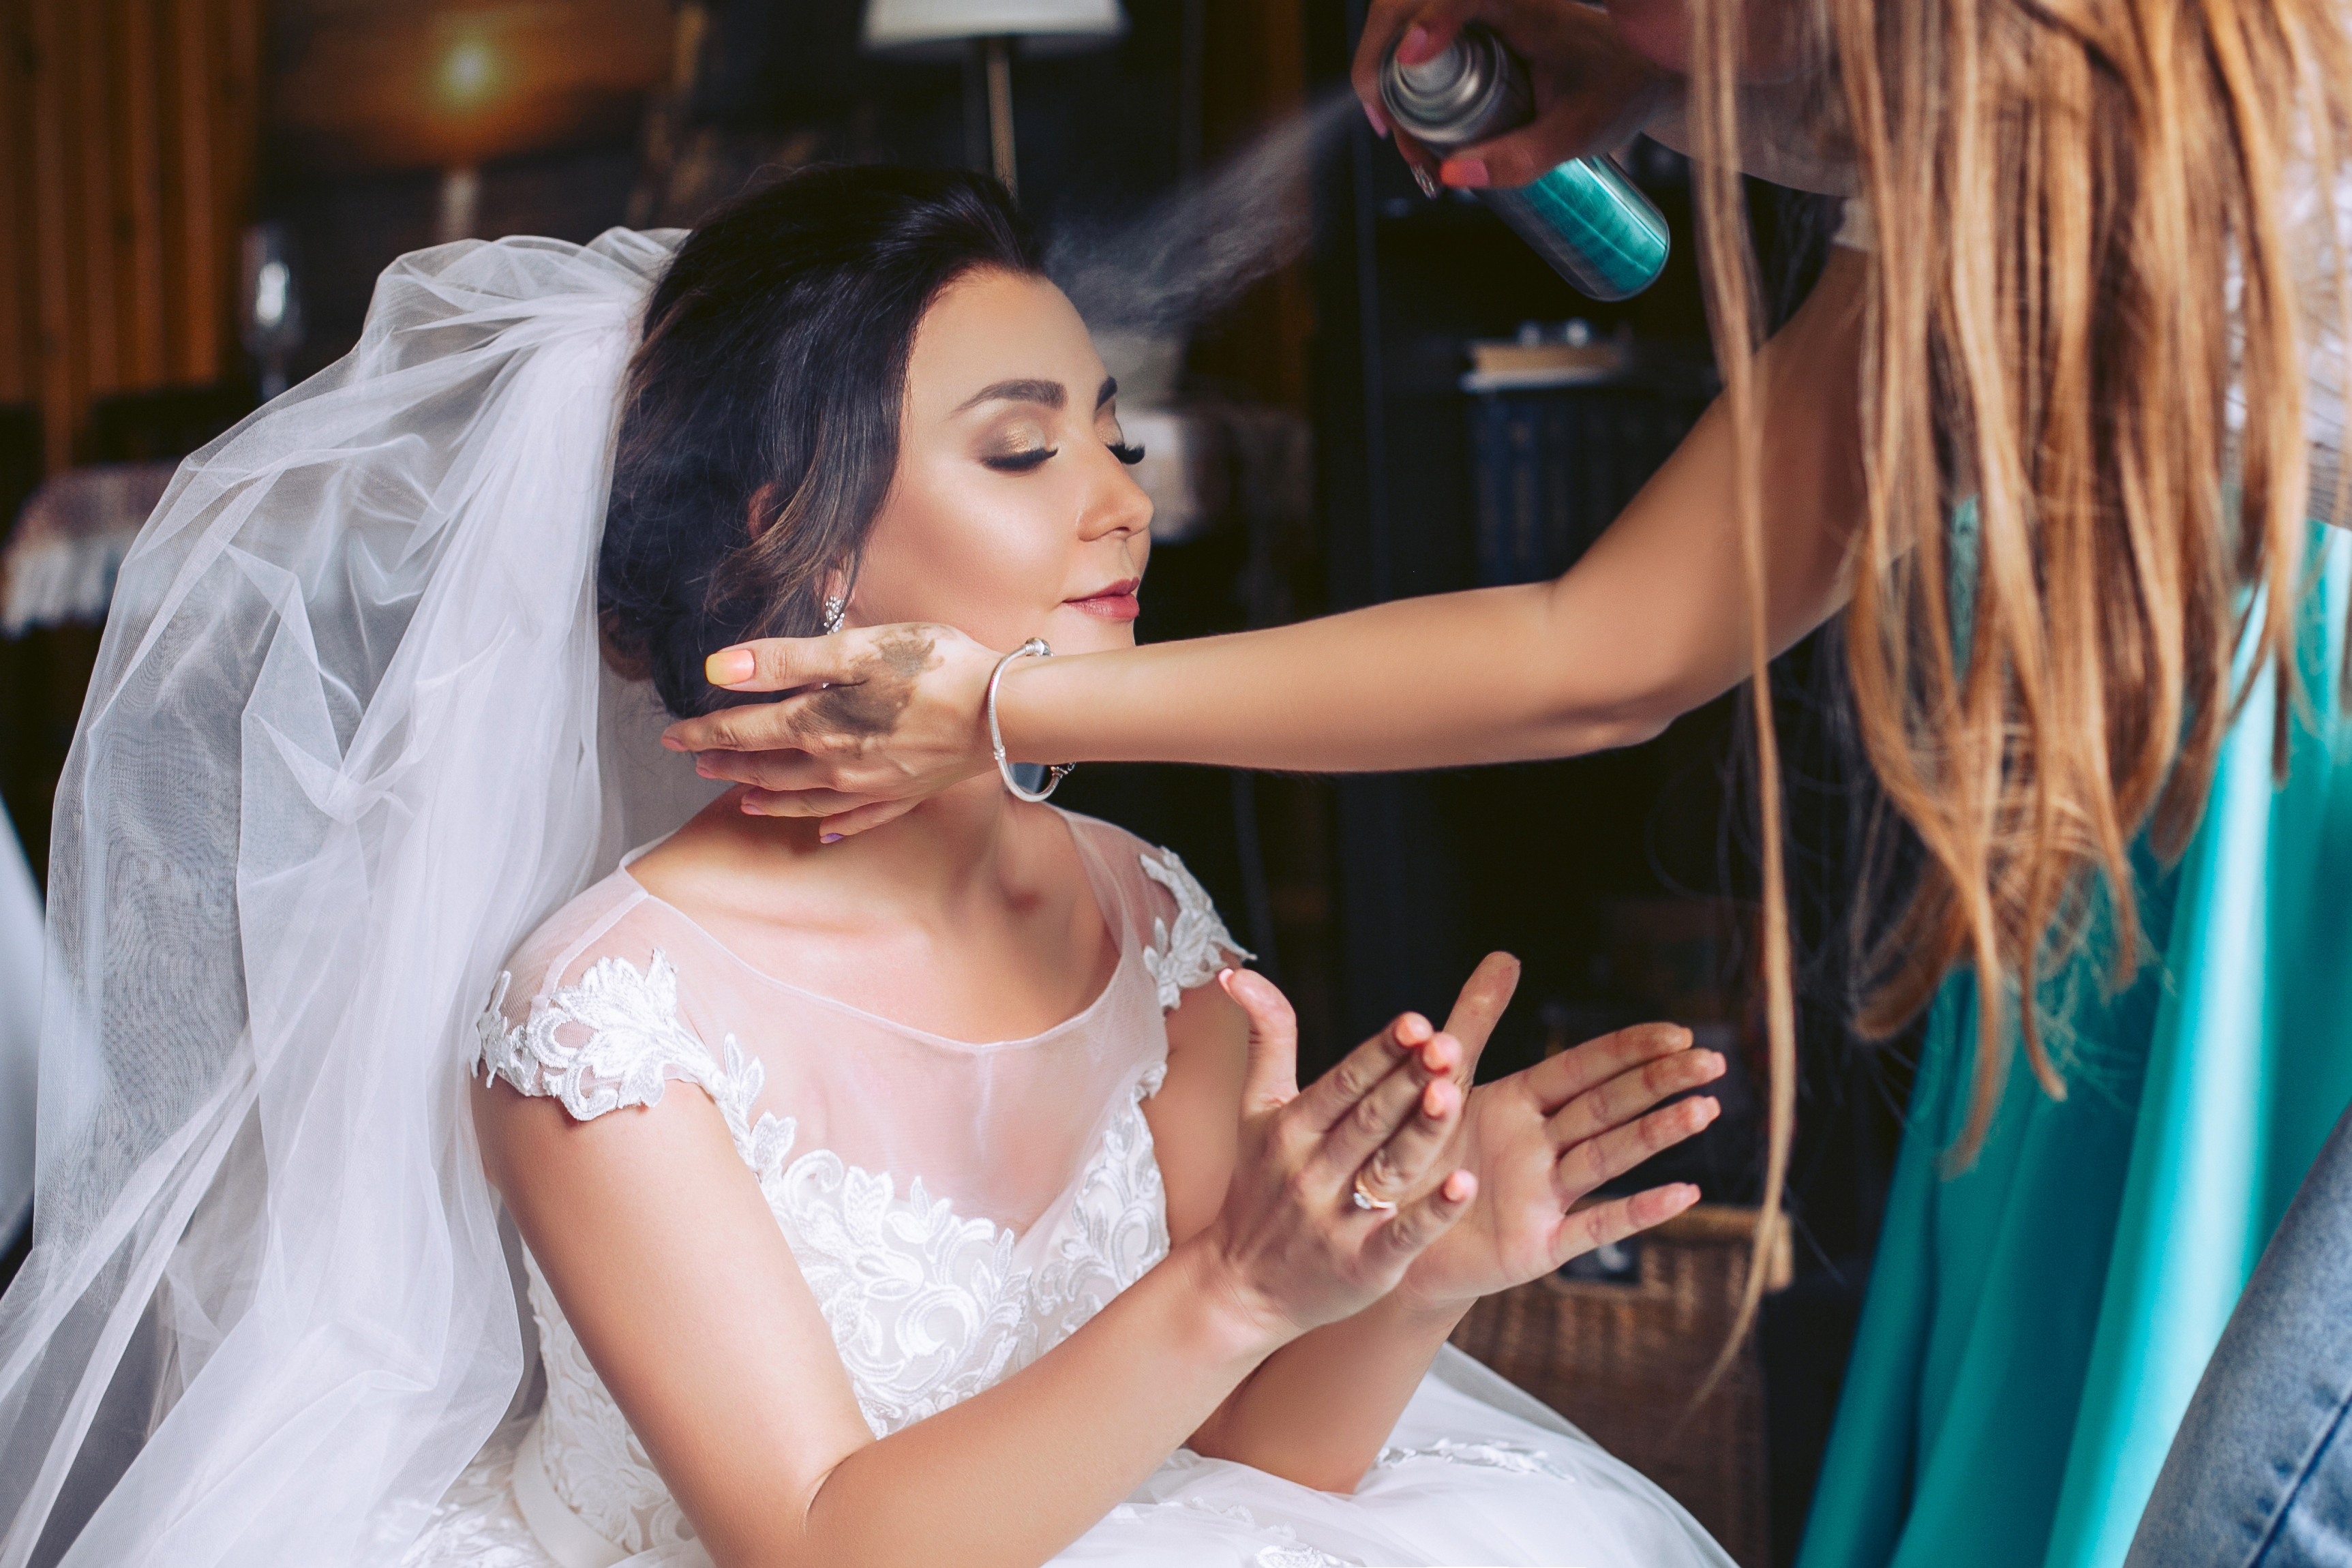 hairspray - wedding day emergency kit